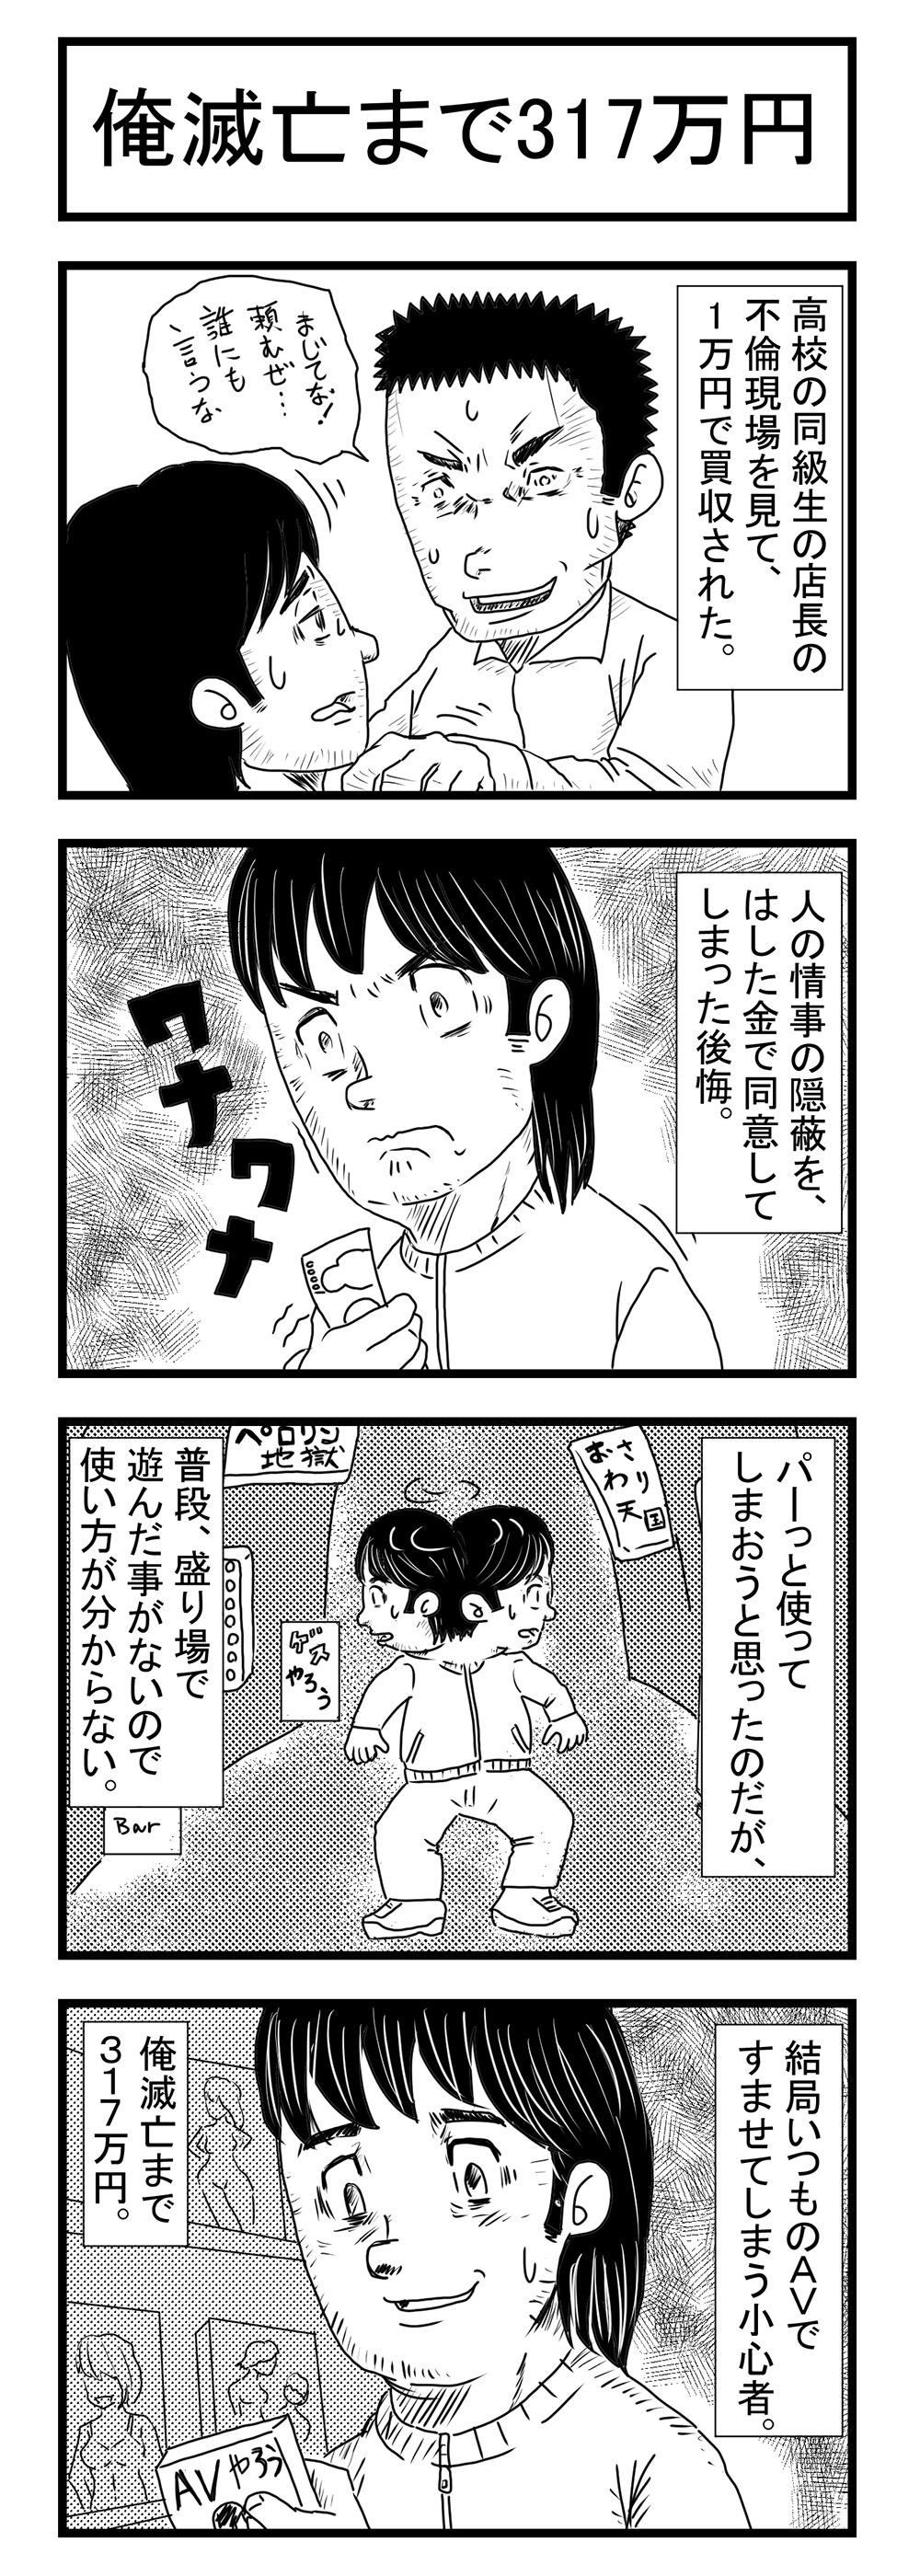 4コマ漫画「俺滅亡まで317万円」その7(Raytrektabで描く漫画)#raytrektab #お金の話 #4コマ漫画